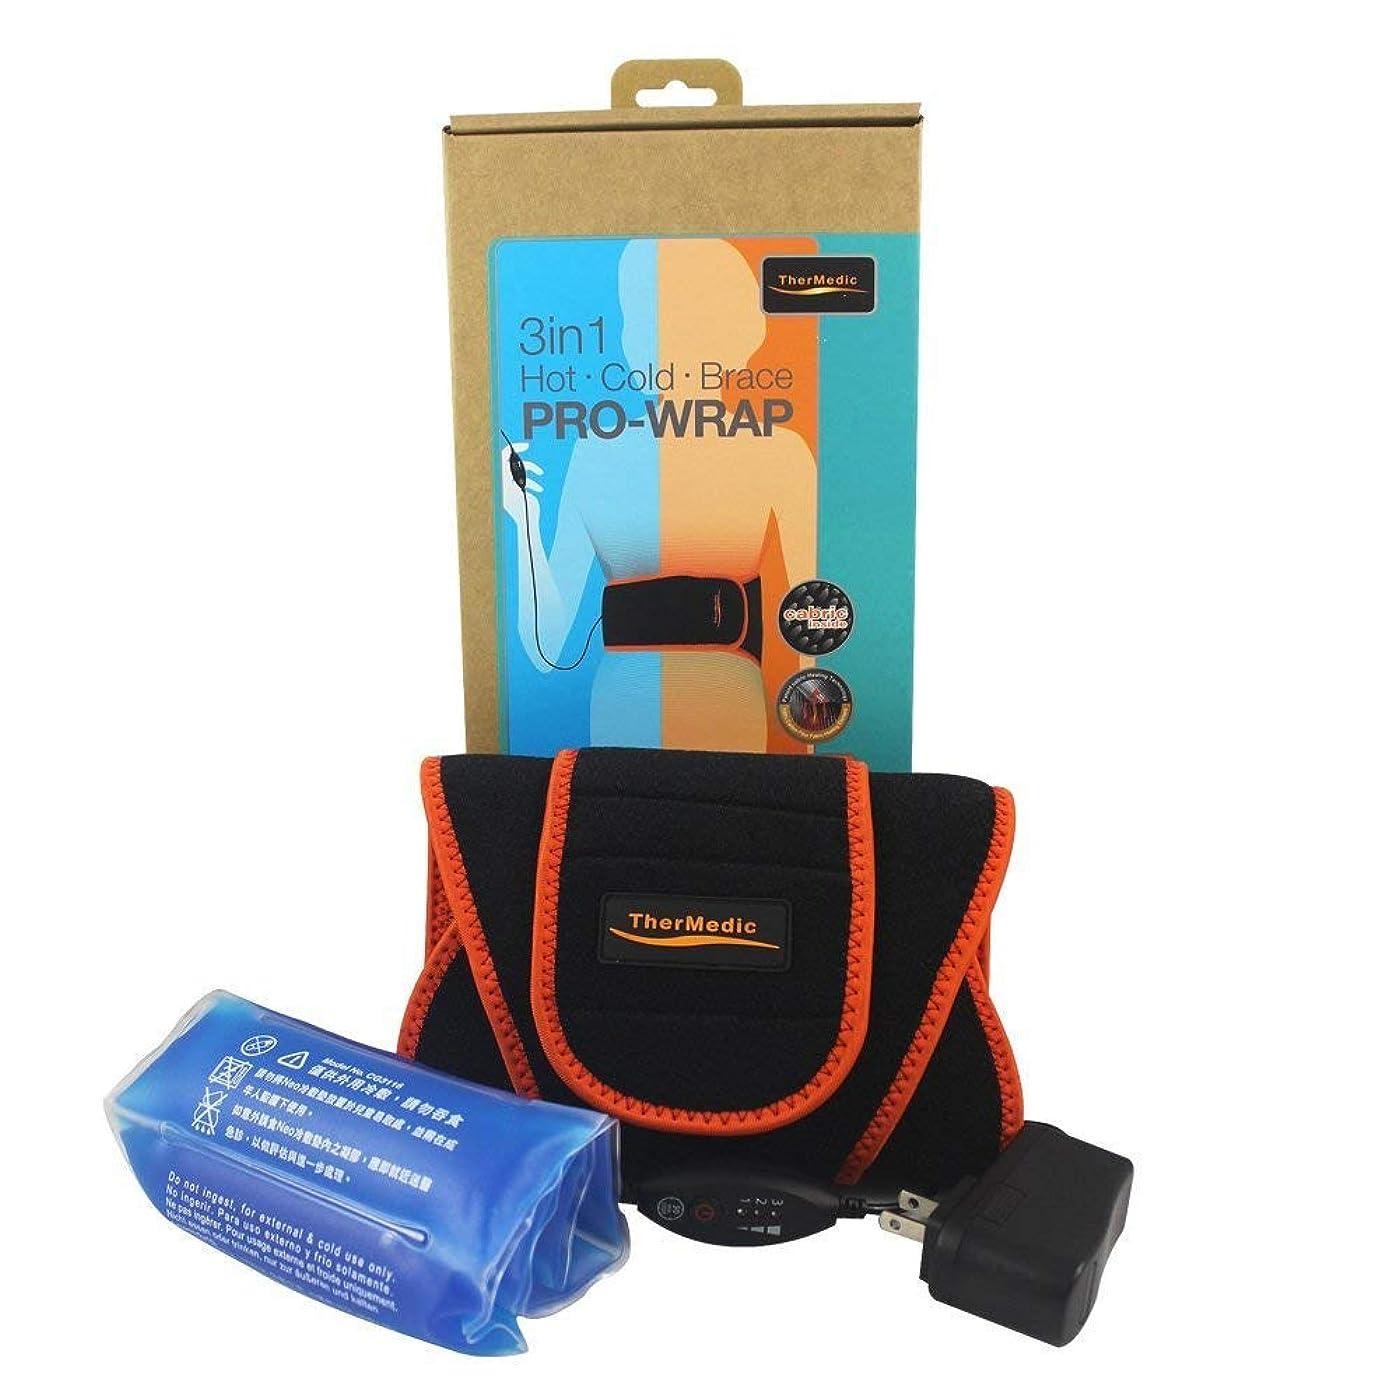 ツインに向けて出発騙すTherMedic Pro-Wrap PW140 腰用ヒーティングパッド 家庭用温熱治療器 (3種の機能付き、温冷セラピー)関節痛、筋肉痛